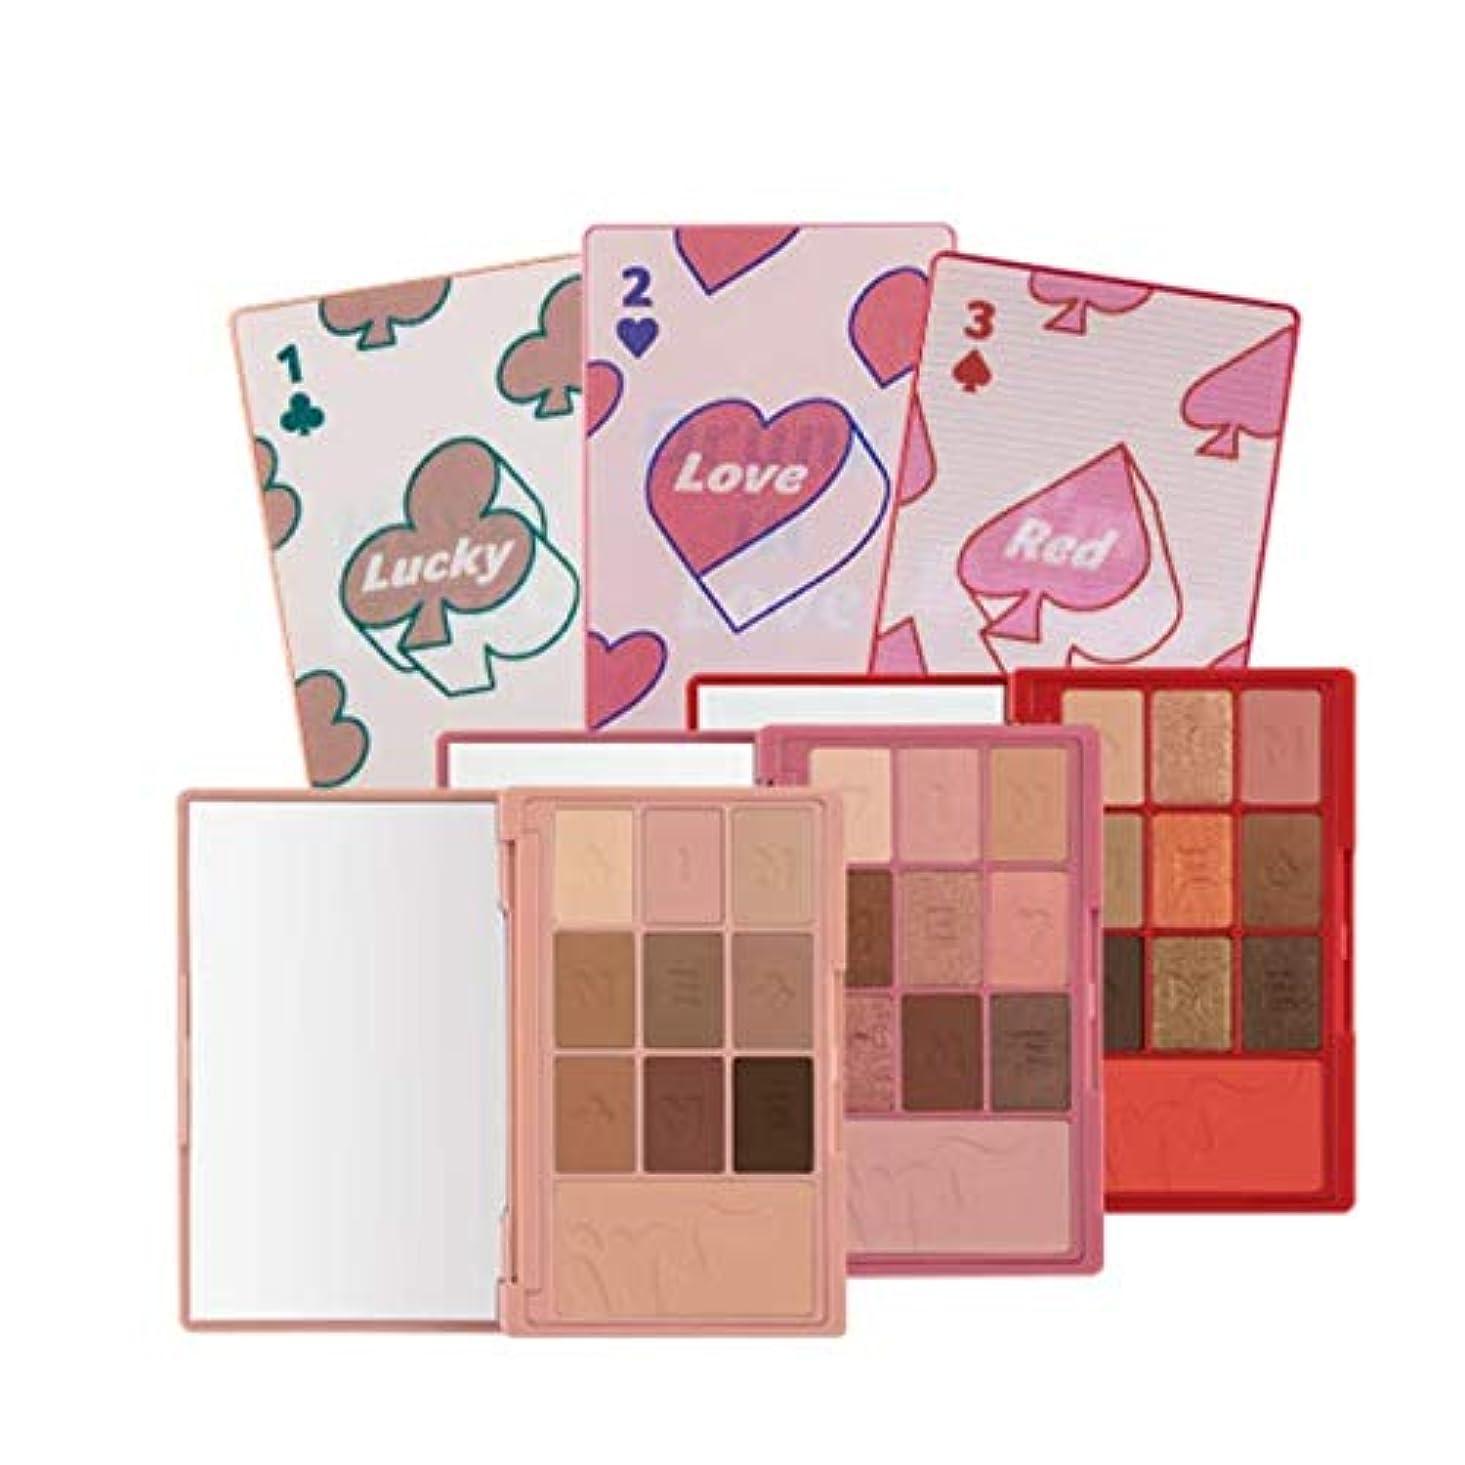 うつコンバーチブル作るアイムミミ アイム ヒドゥン カード パレット 8g I'M MEME I'M Hidden Card Palette (2. Love Card) [並行輸入品]